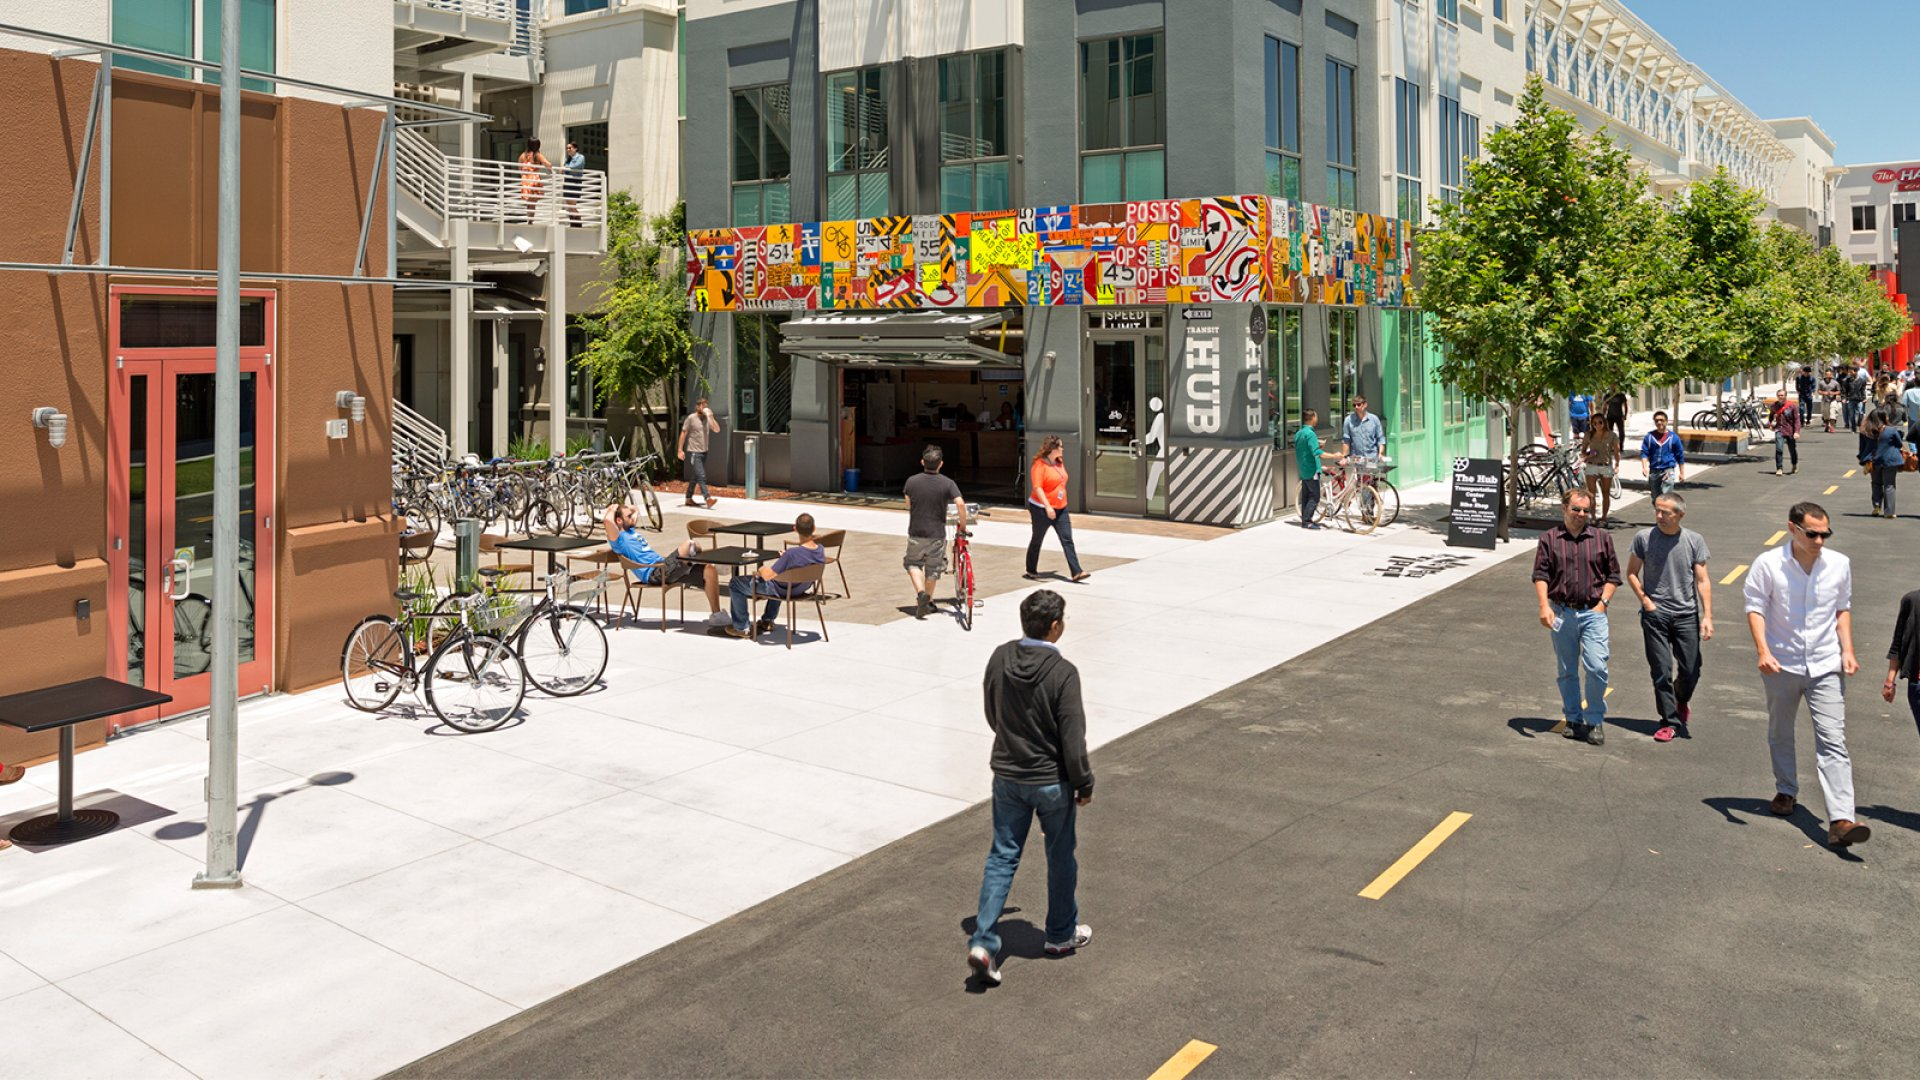 Facebook's Menlo Park, California headquarters.